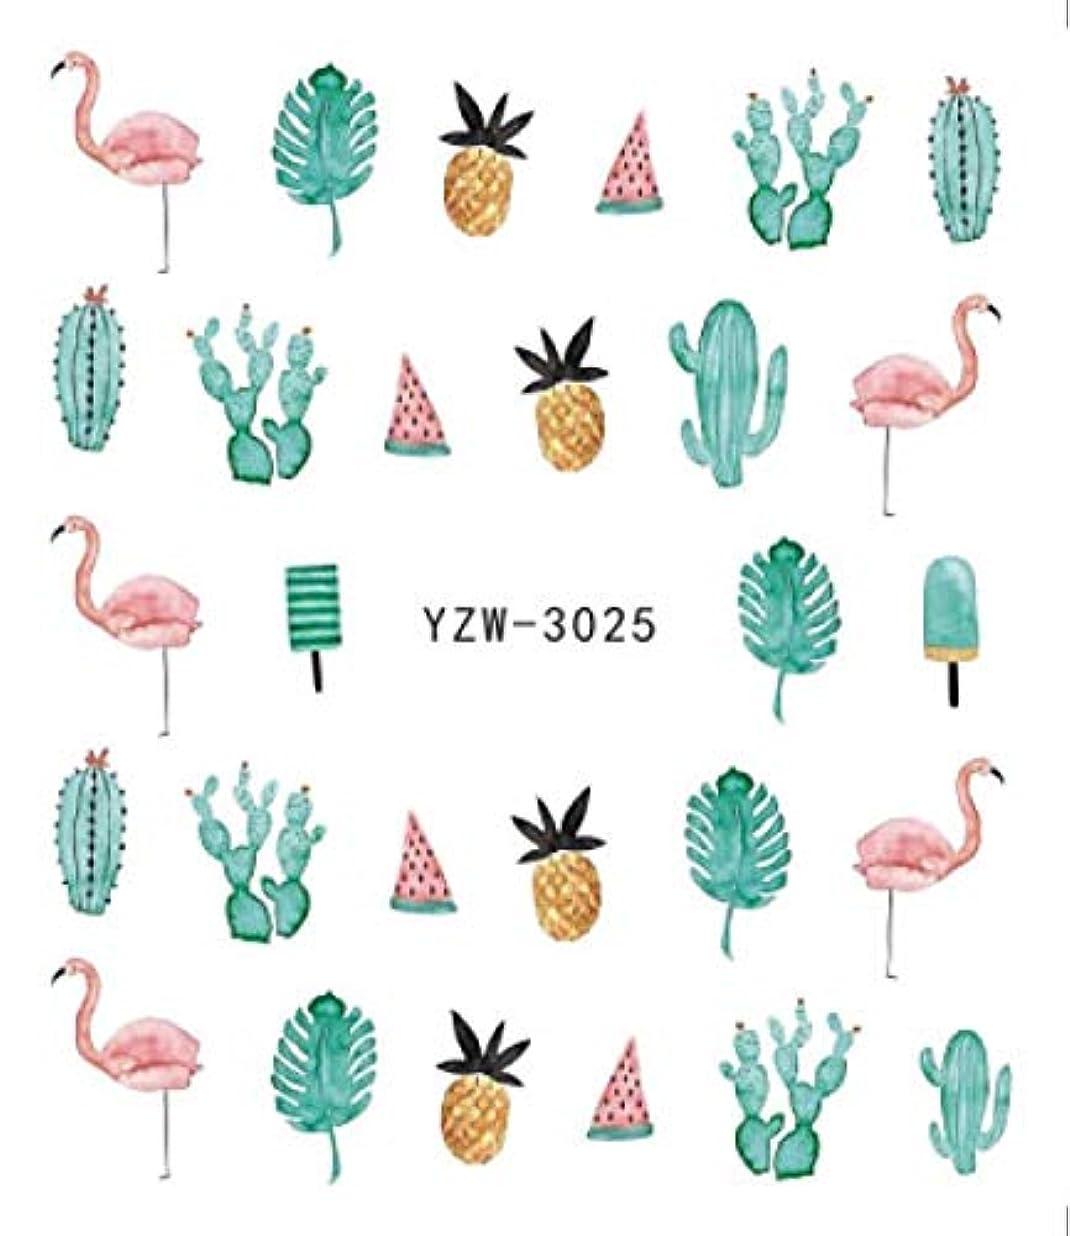 ブリッジ告白する縫うSUKTI&XIAO ネイルステッカー 甘いフルーツネイルアート水転写ステッカーネイルデコレーションセット女性メイクアップdiy美容入れ墨ツール、Yzw-3025